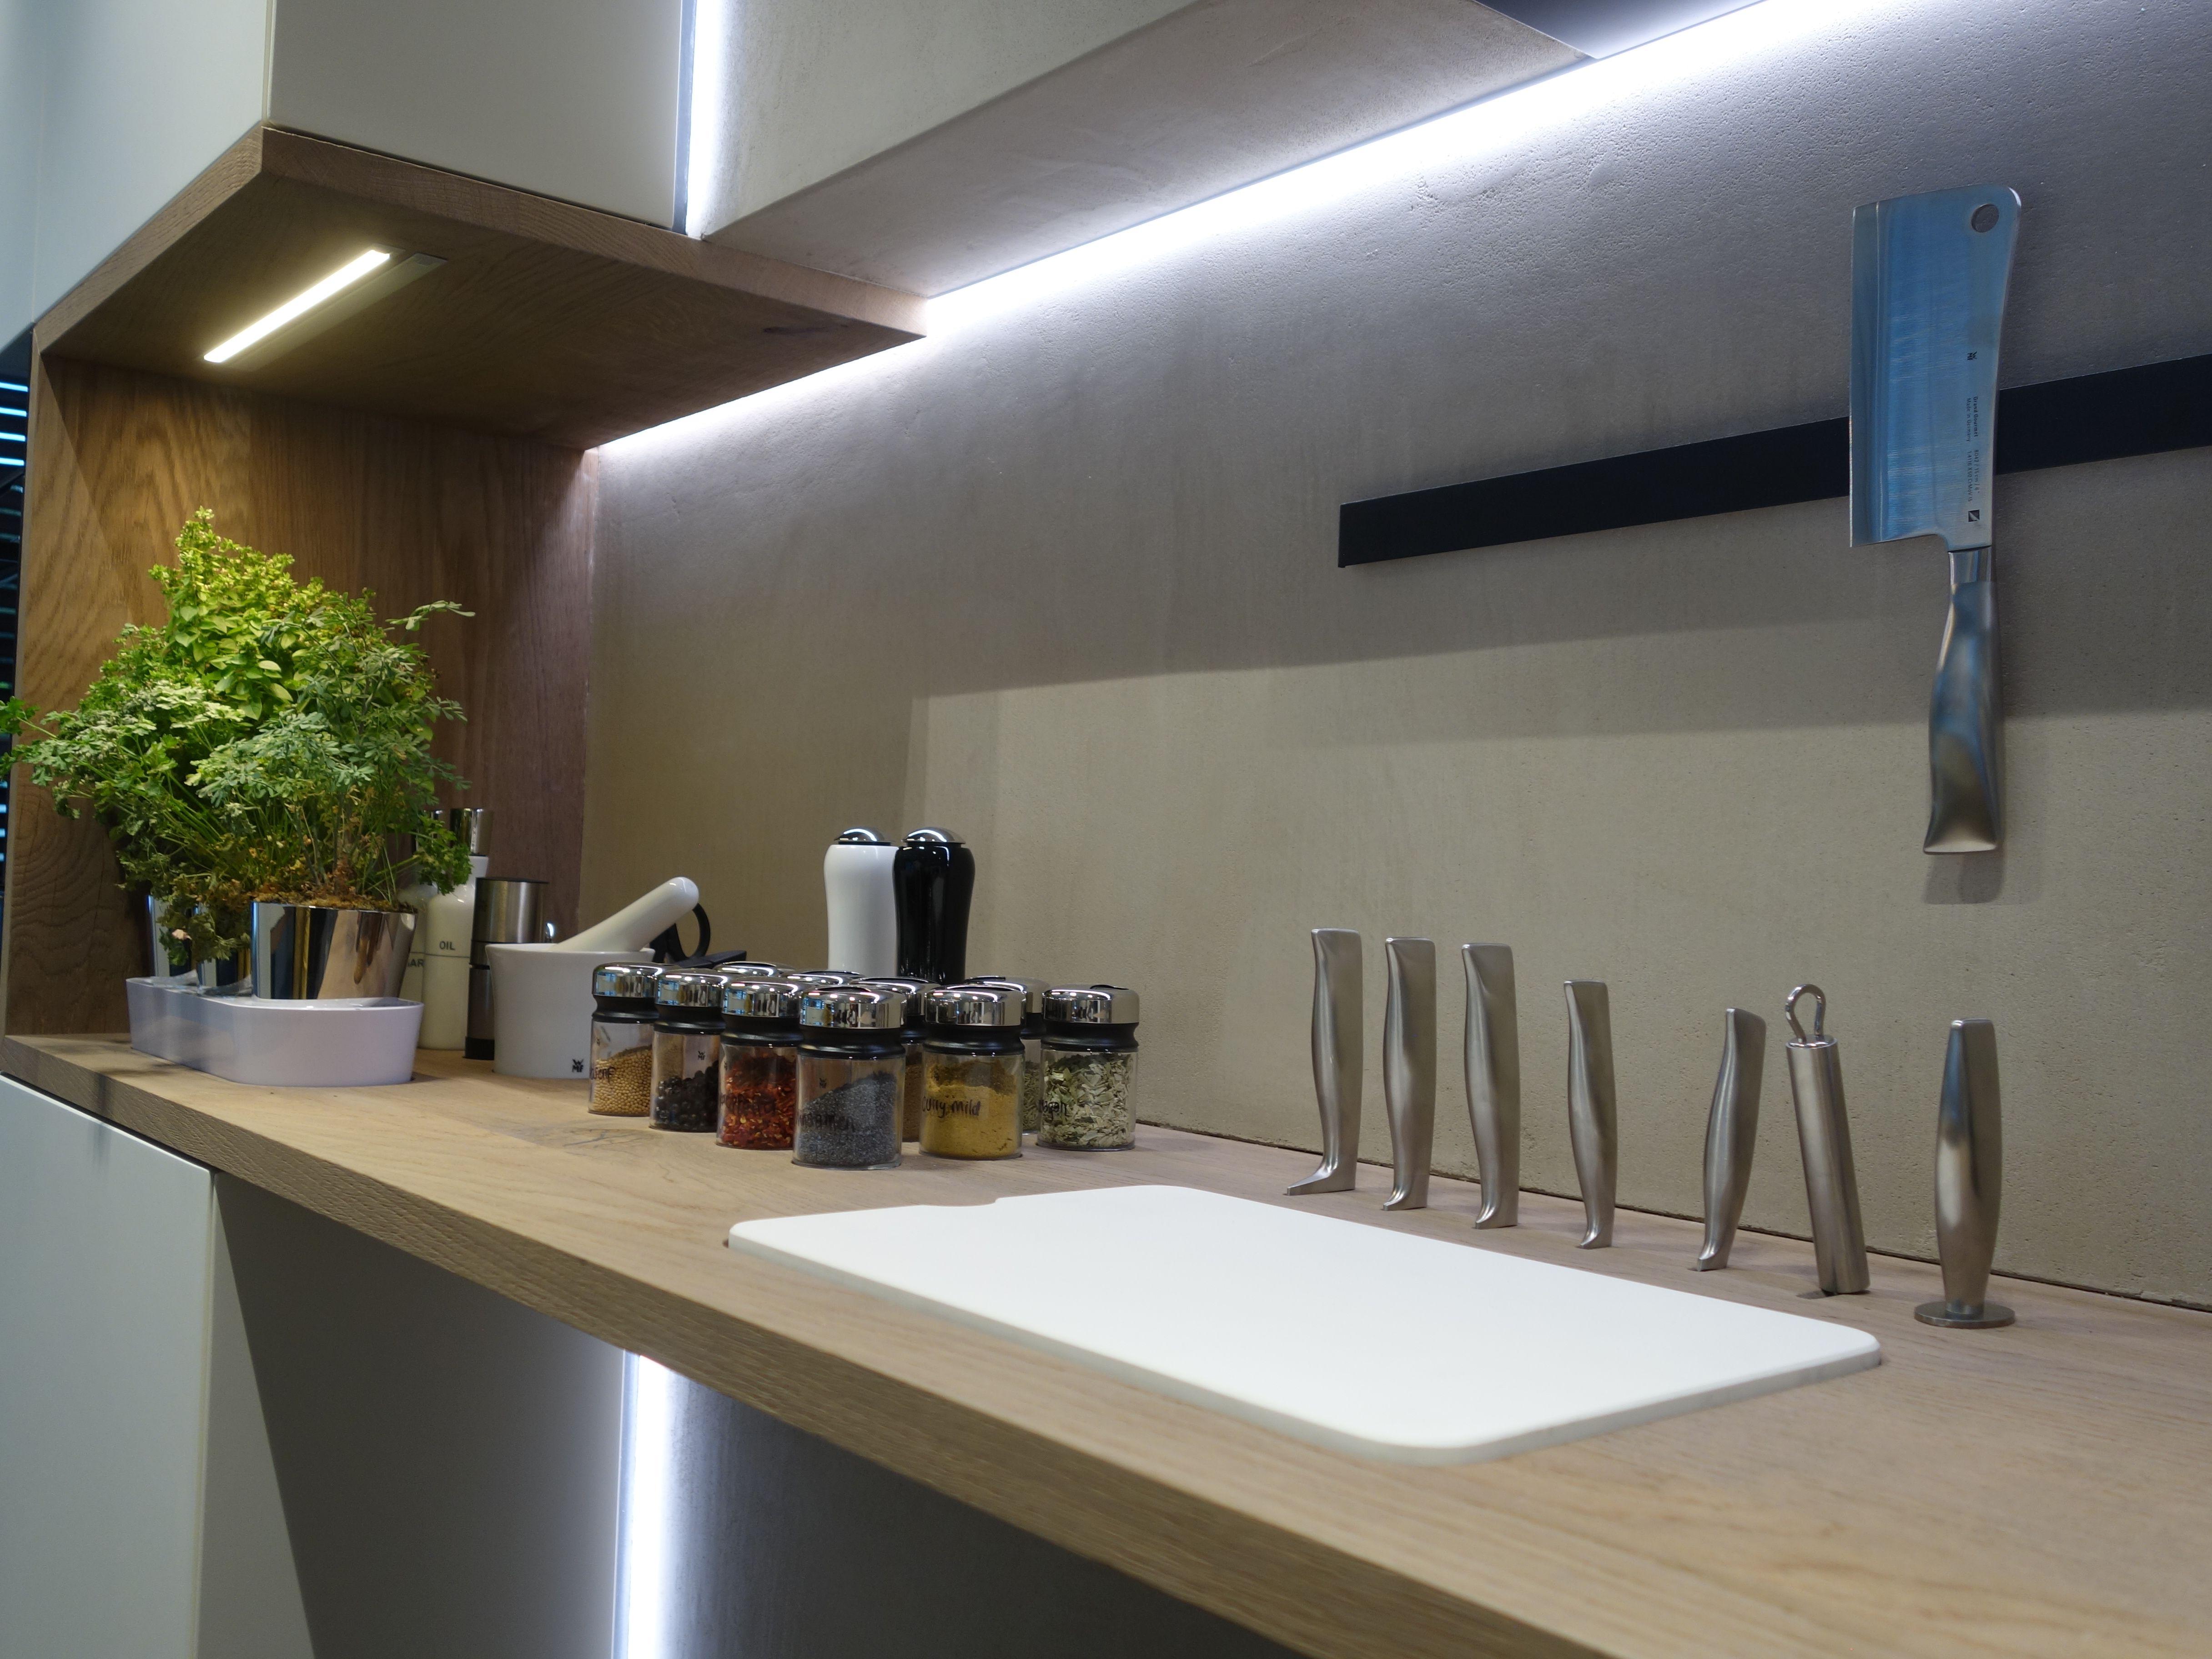 Tolle Diy Küchenbeleuchtung Pinterest Bilder - Küchenschrank Ideen ...